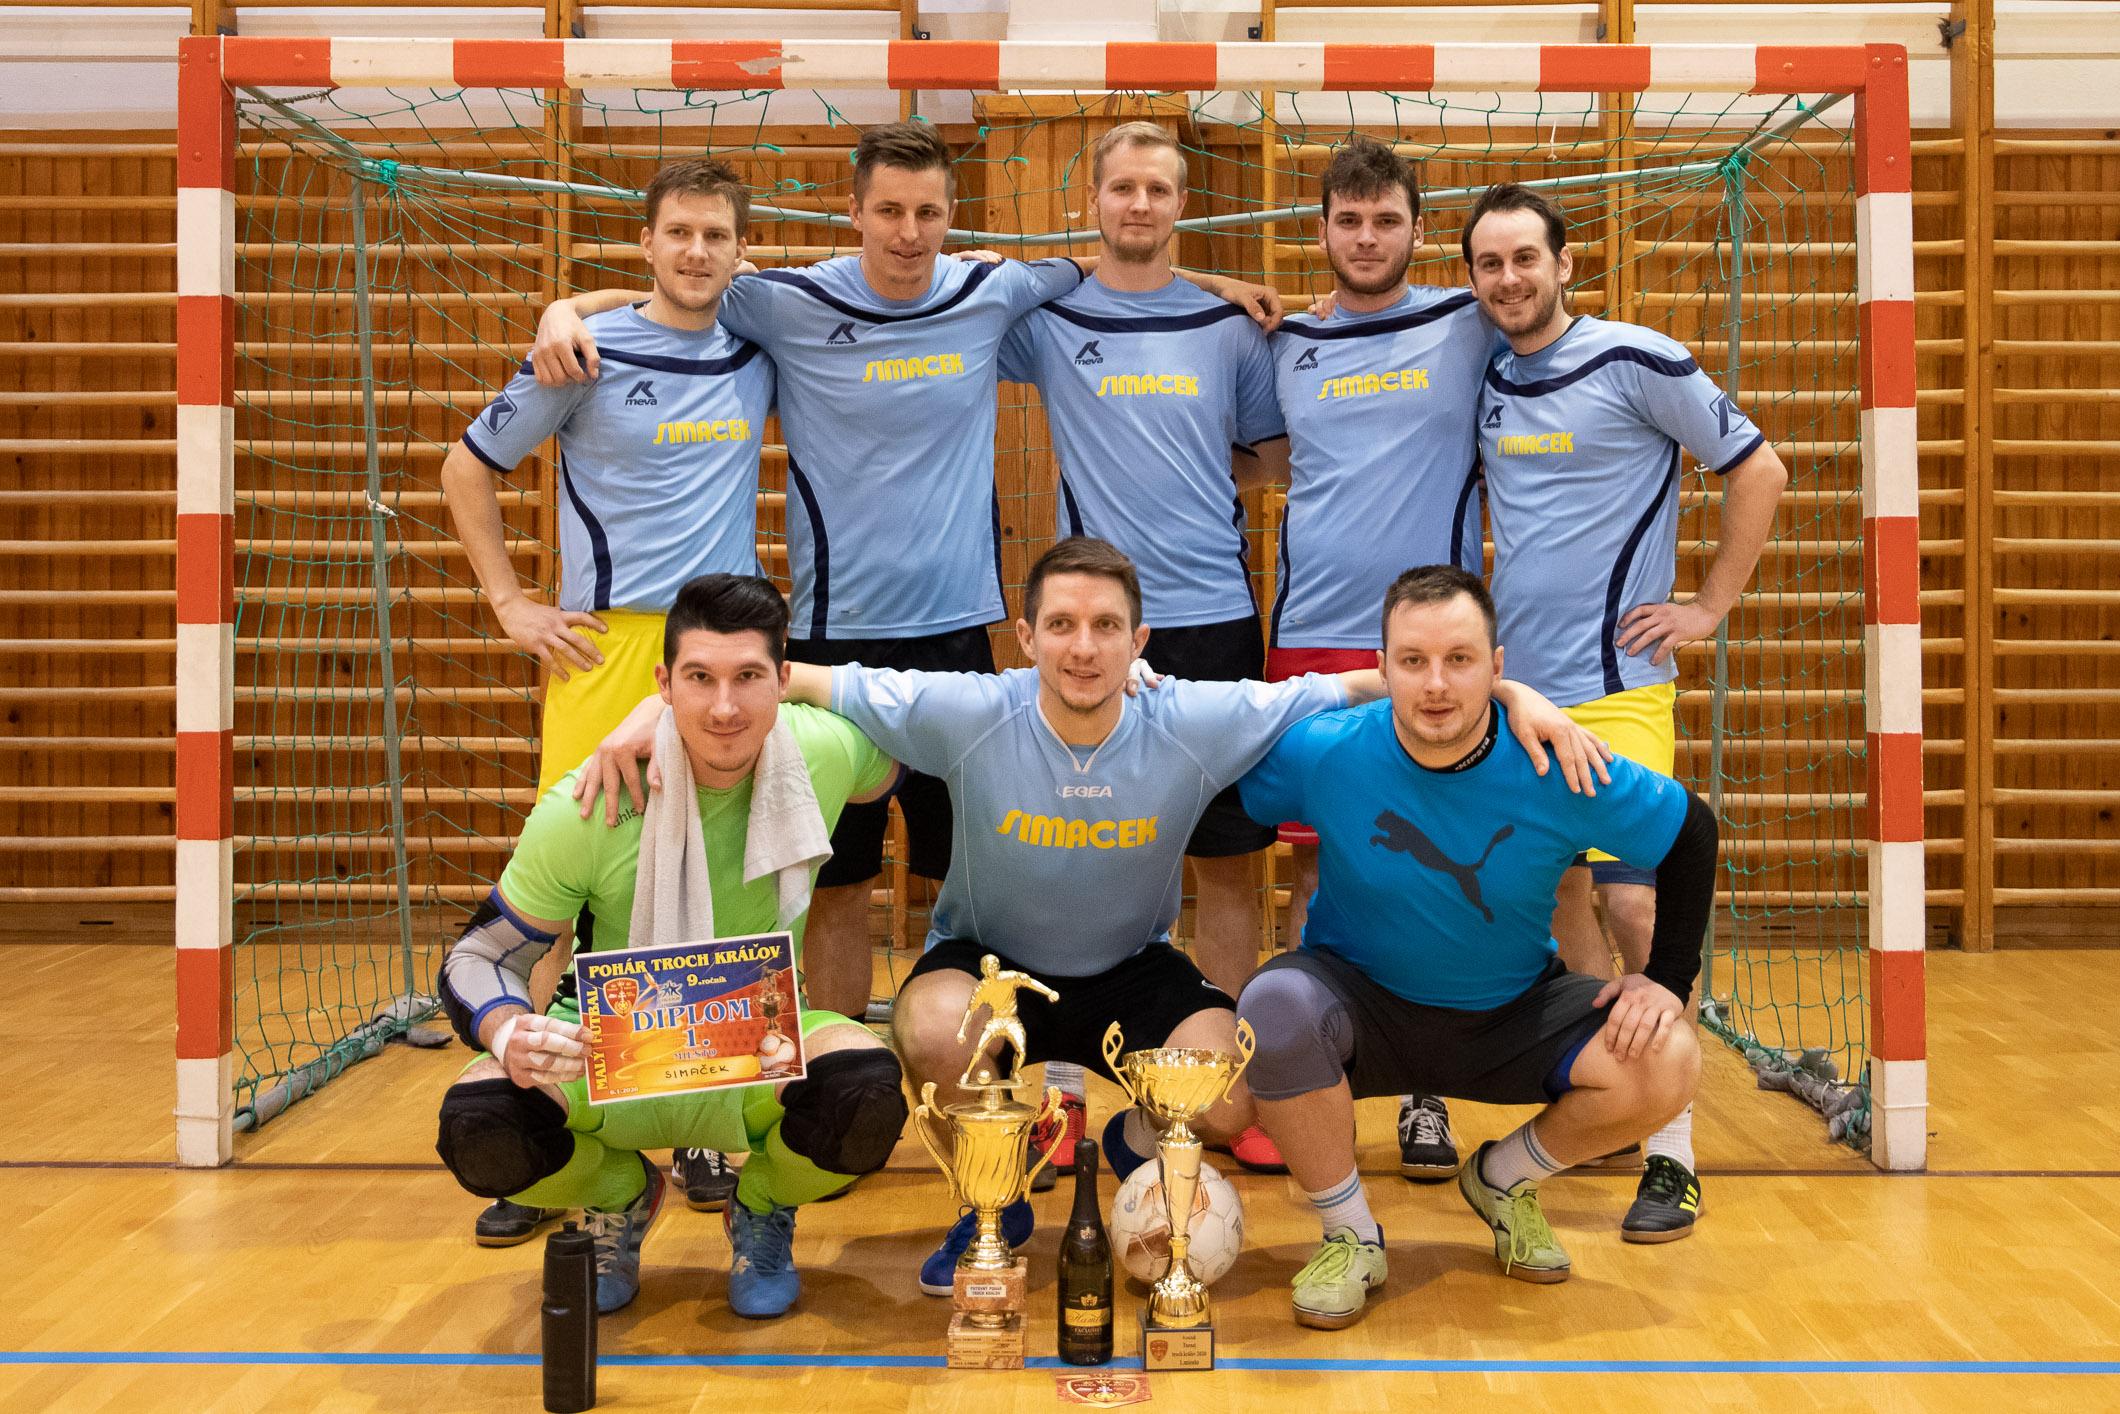 simacek-turnaj-troch-kralov-zv